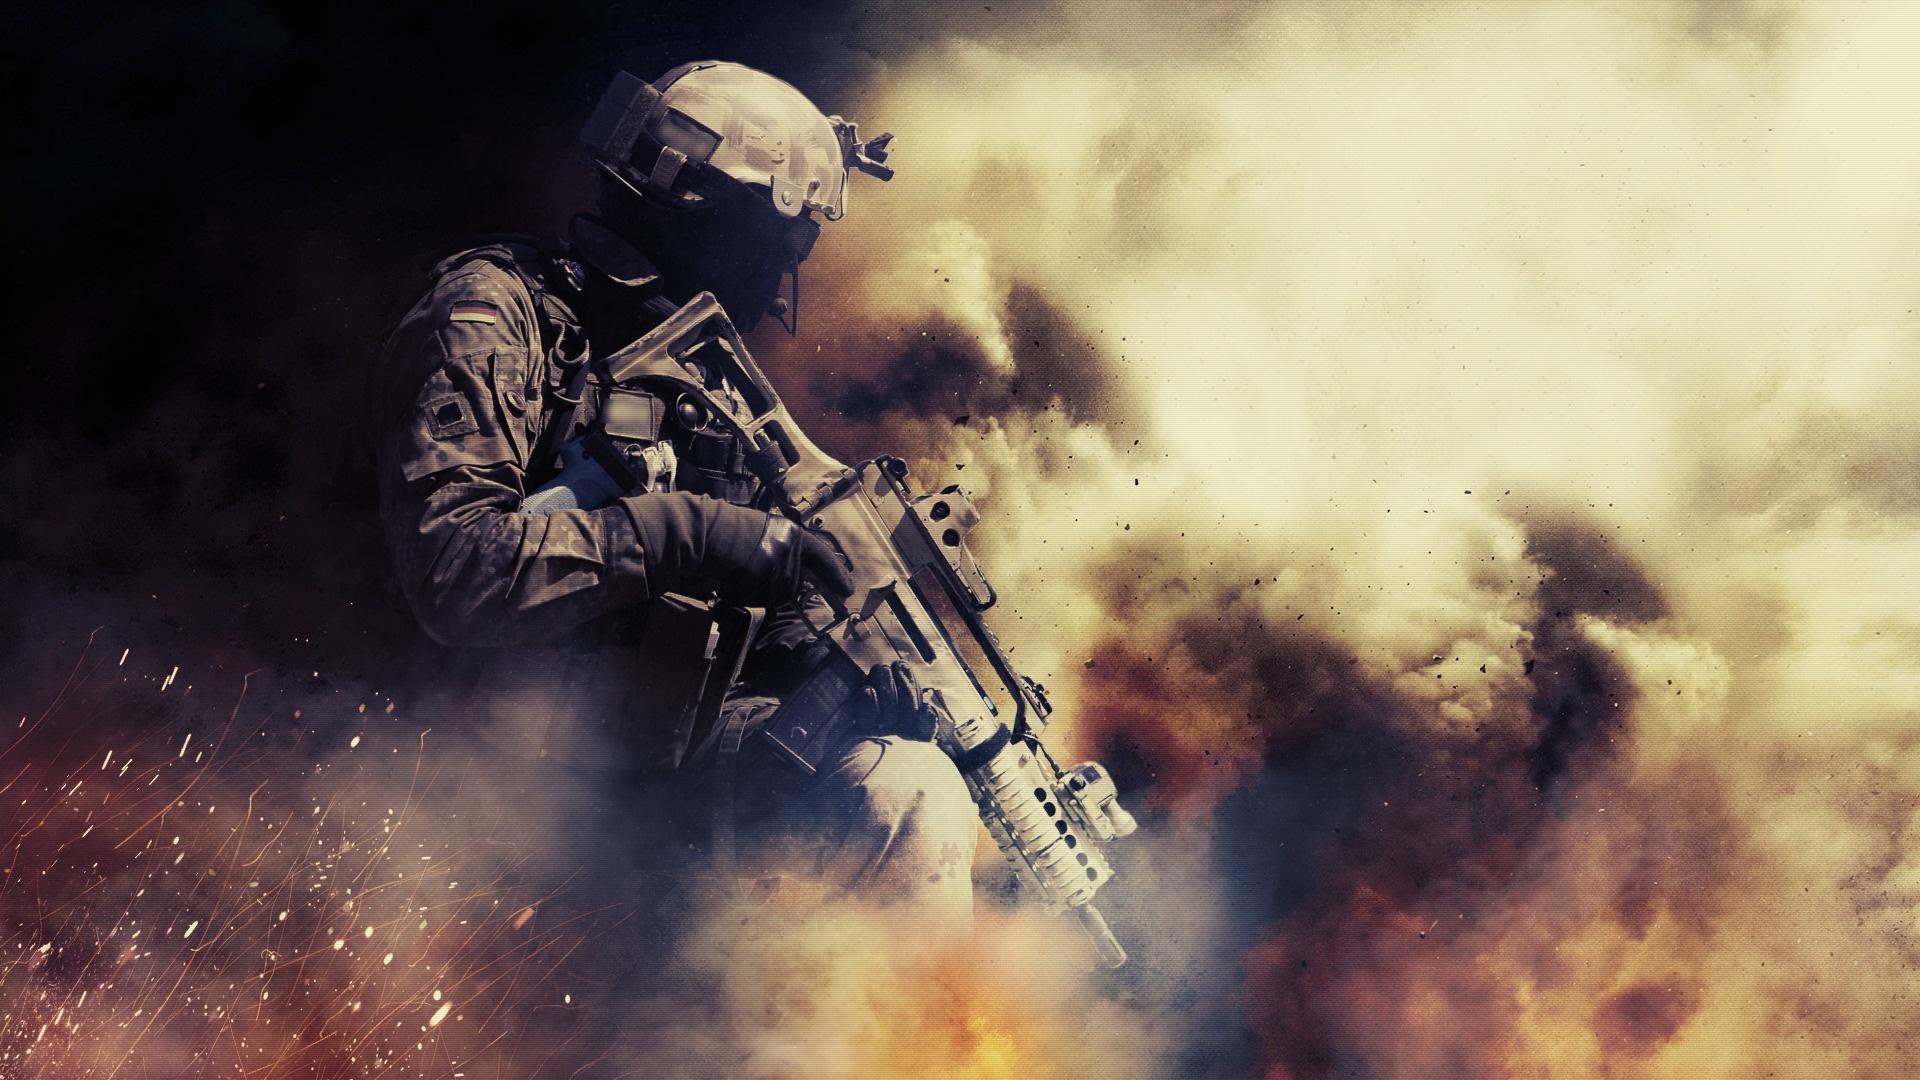 War HD Wallpaper